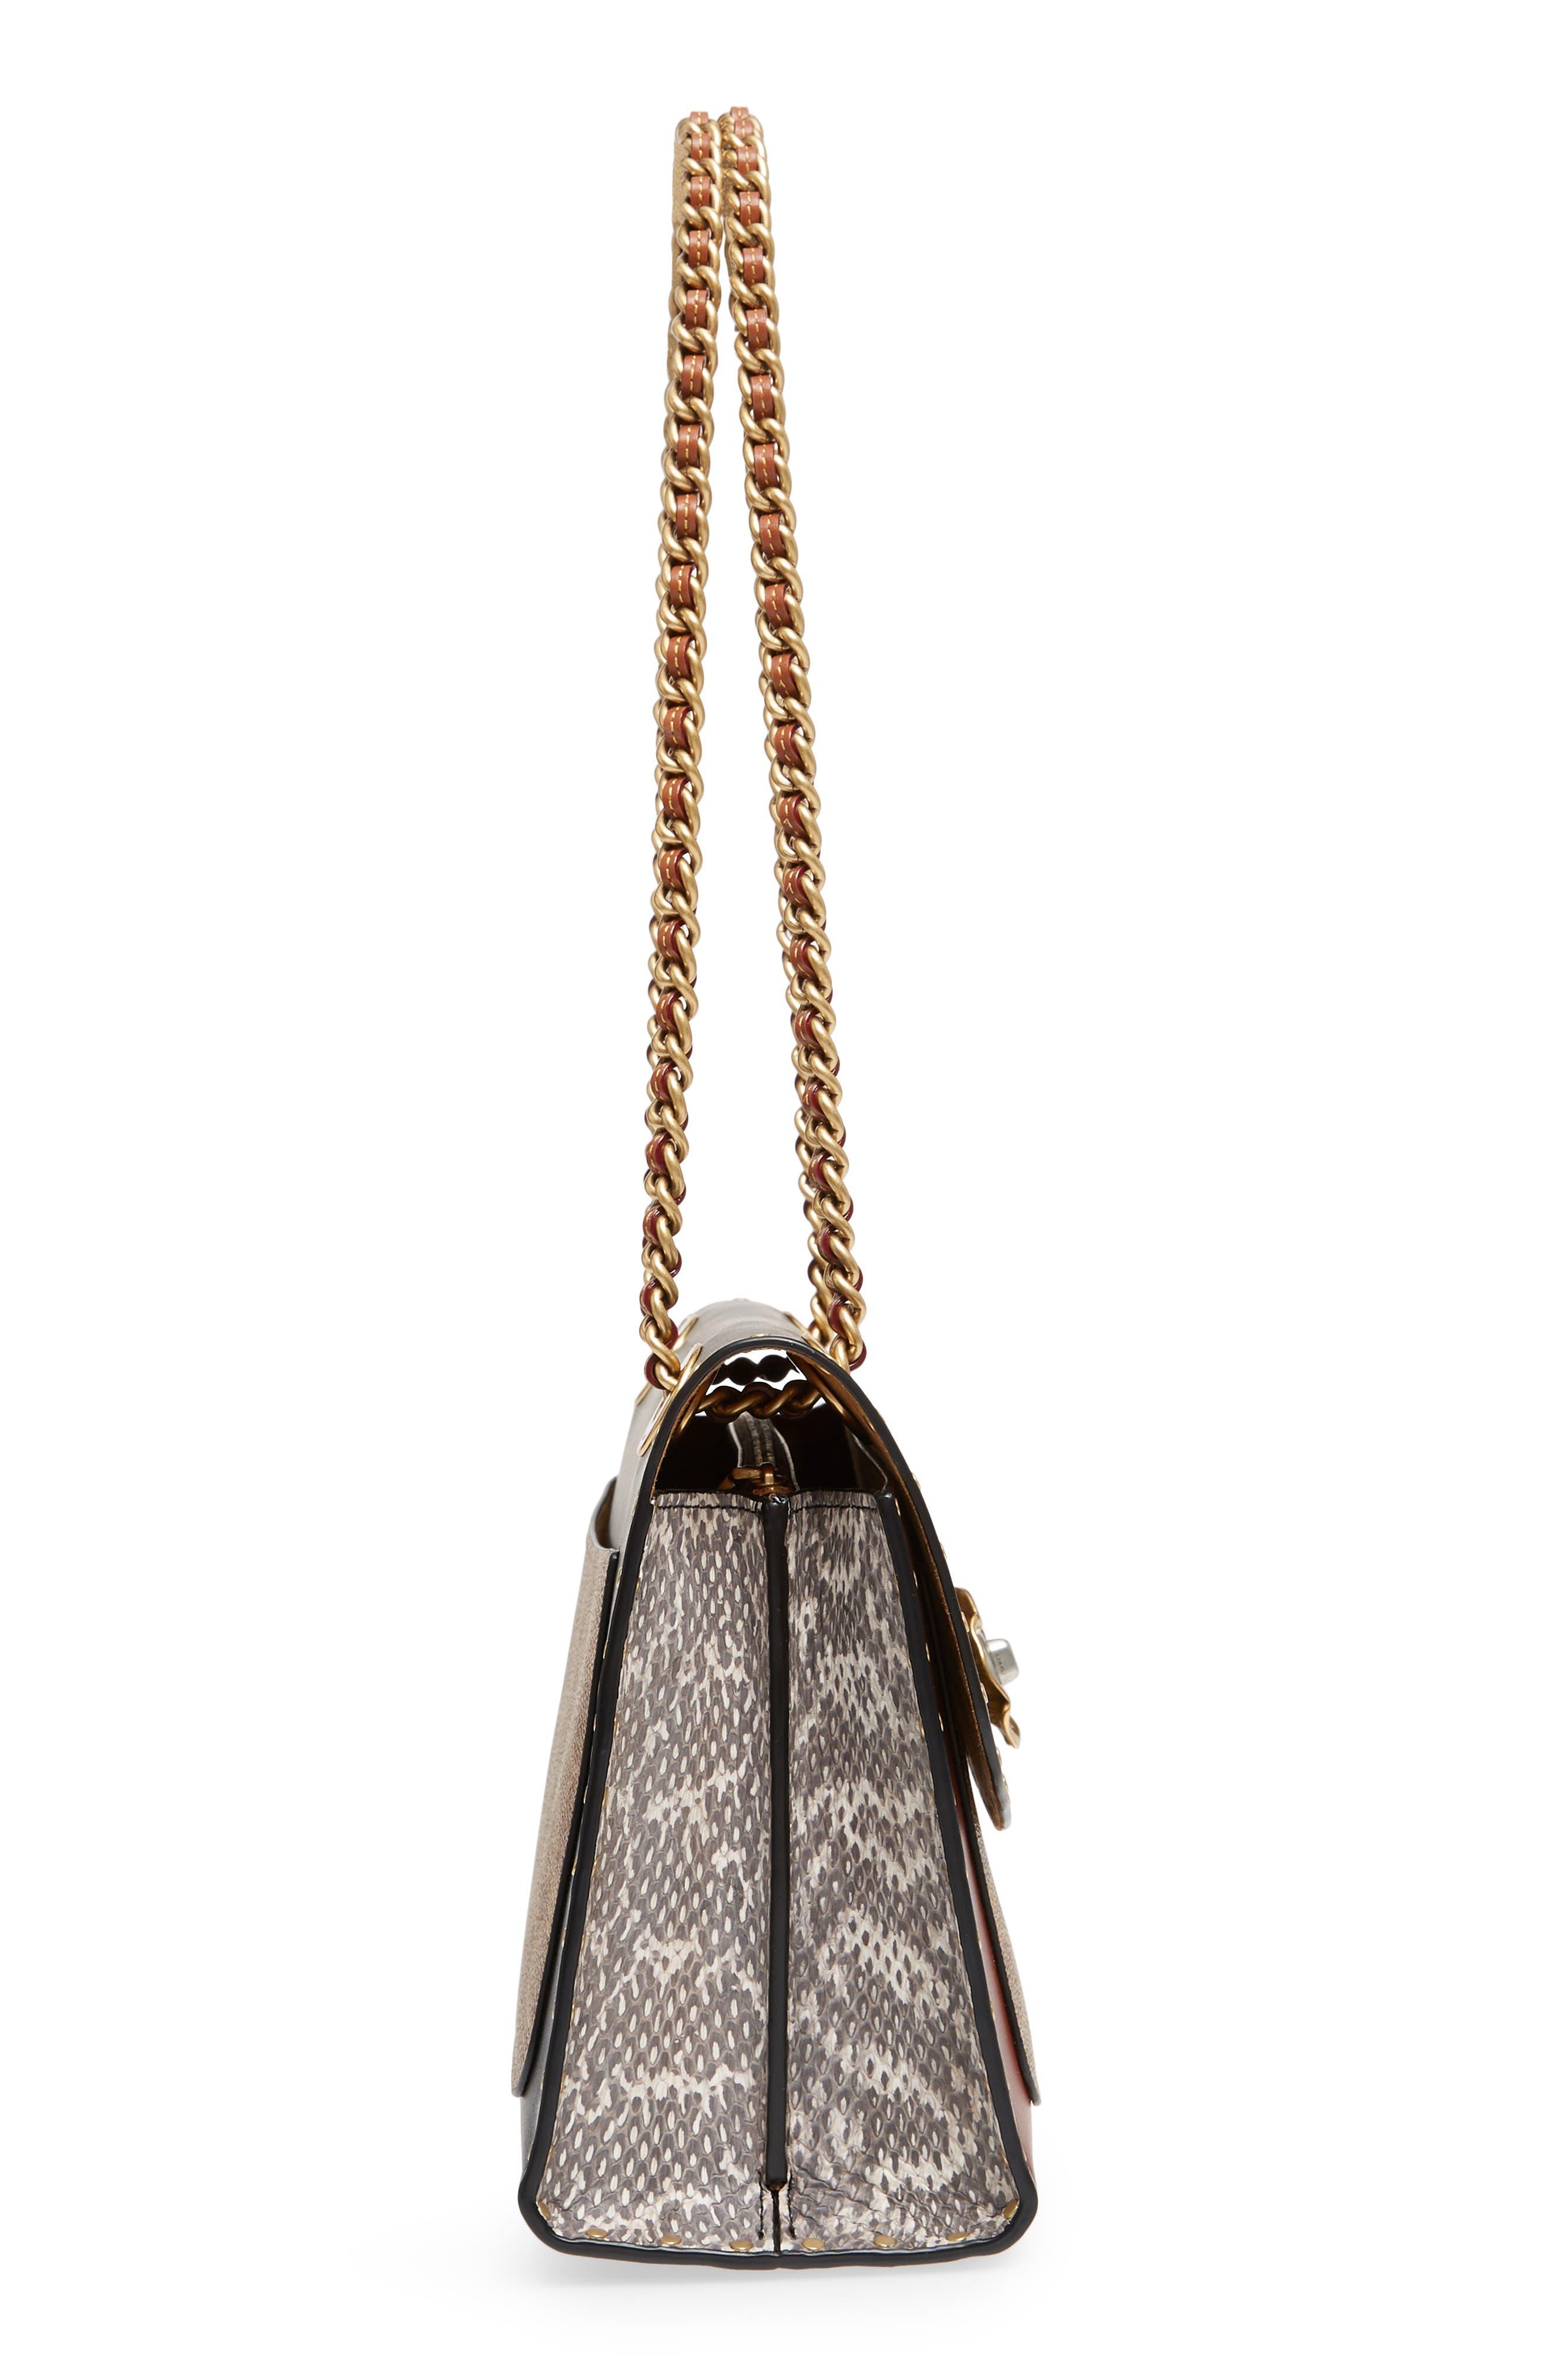 Parker Leather & Genuine Snakeskin Shoulder Bag,                             Alternate thumbnail 5, color,                             BLACK MULTI